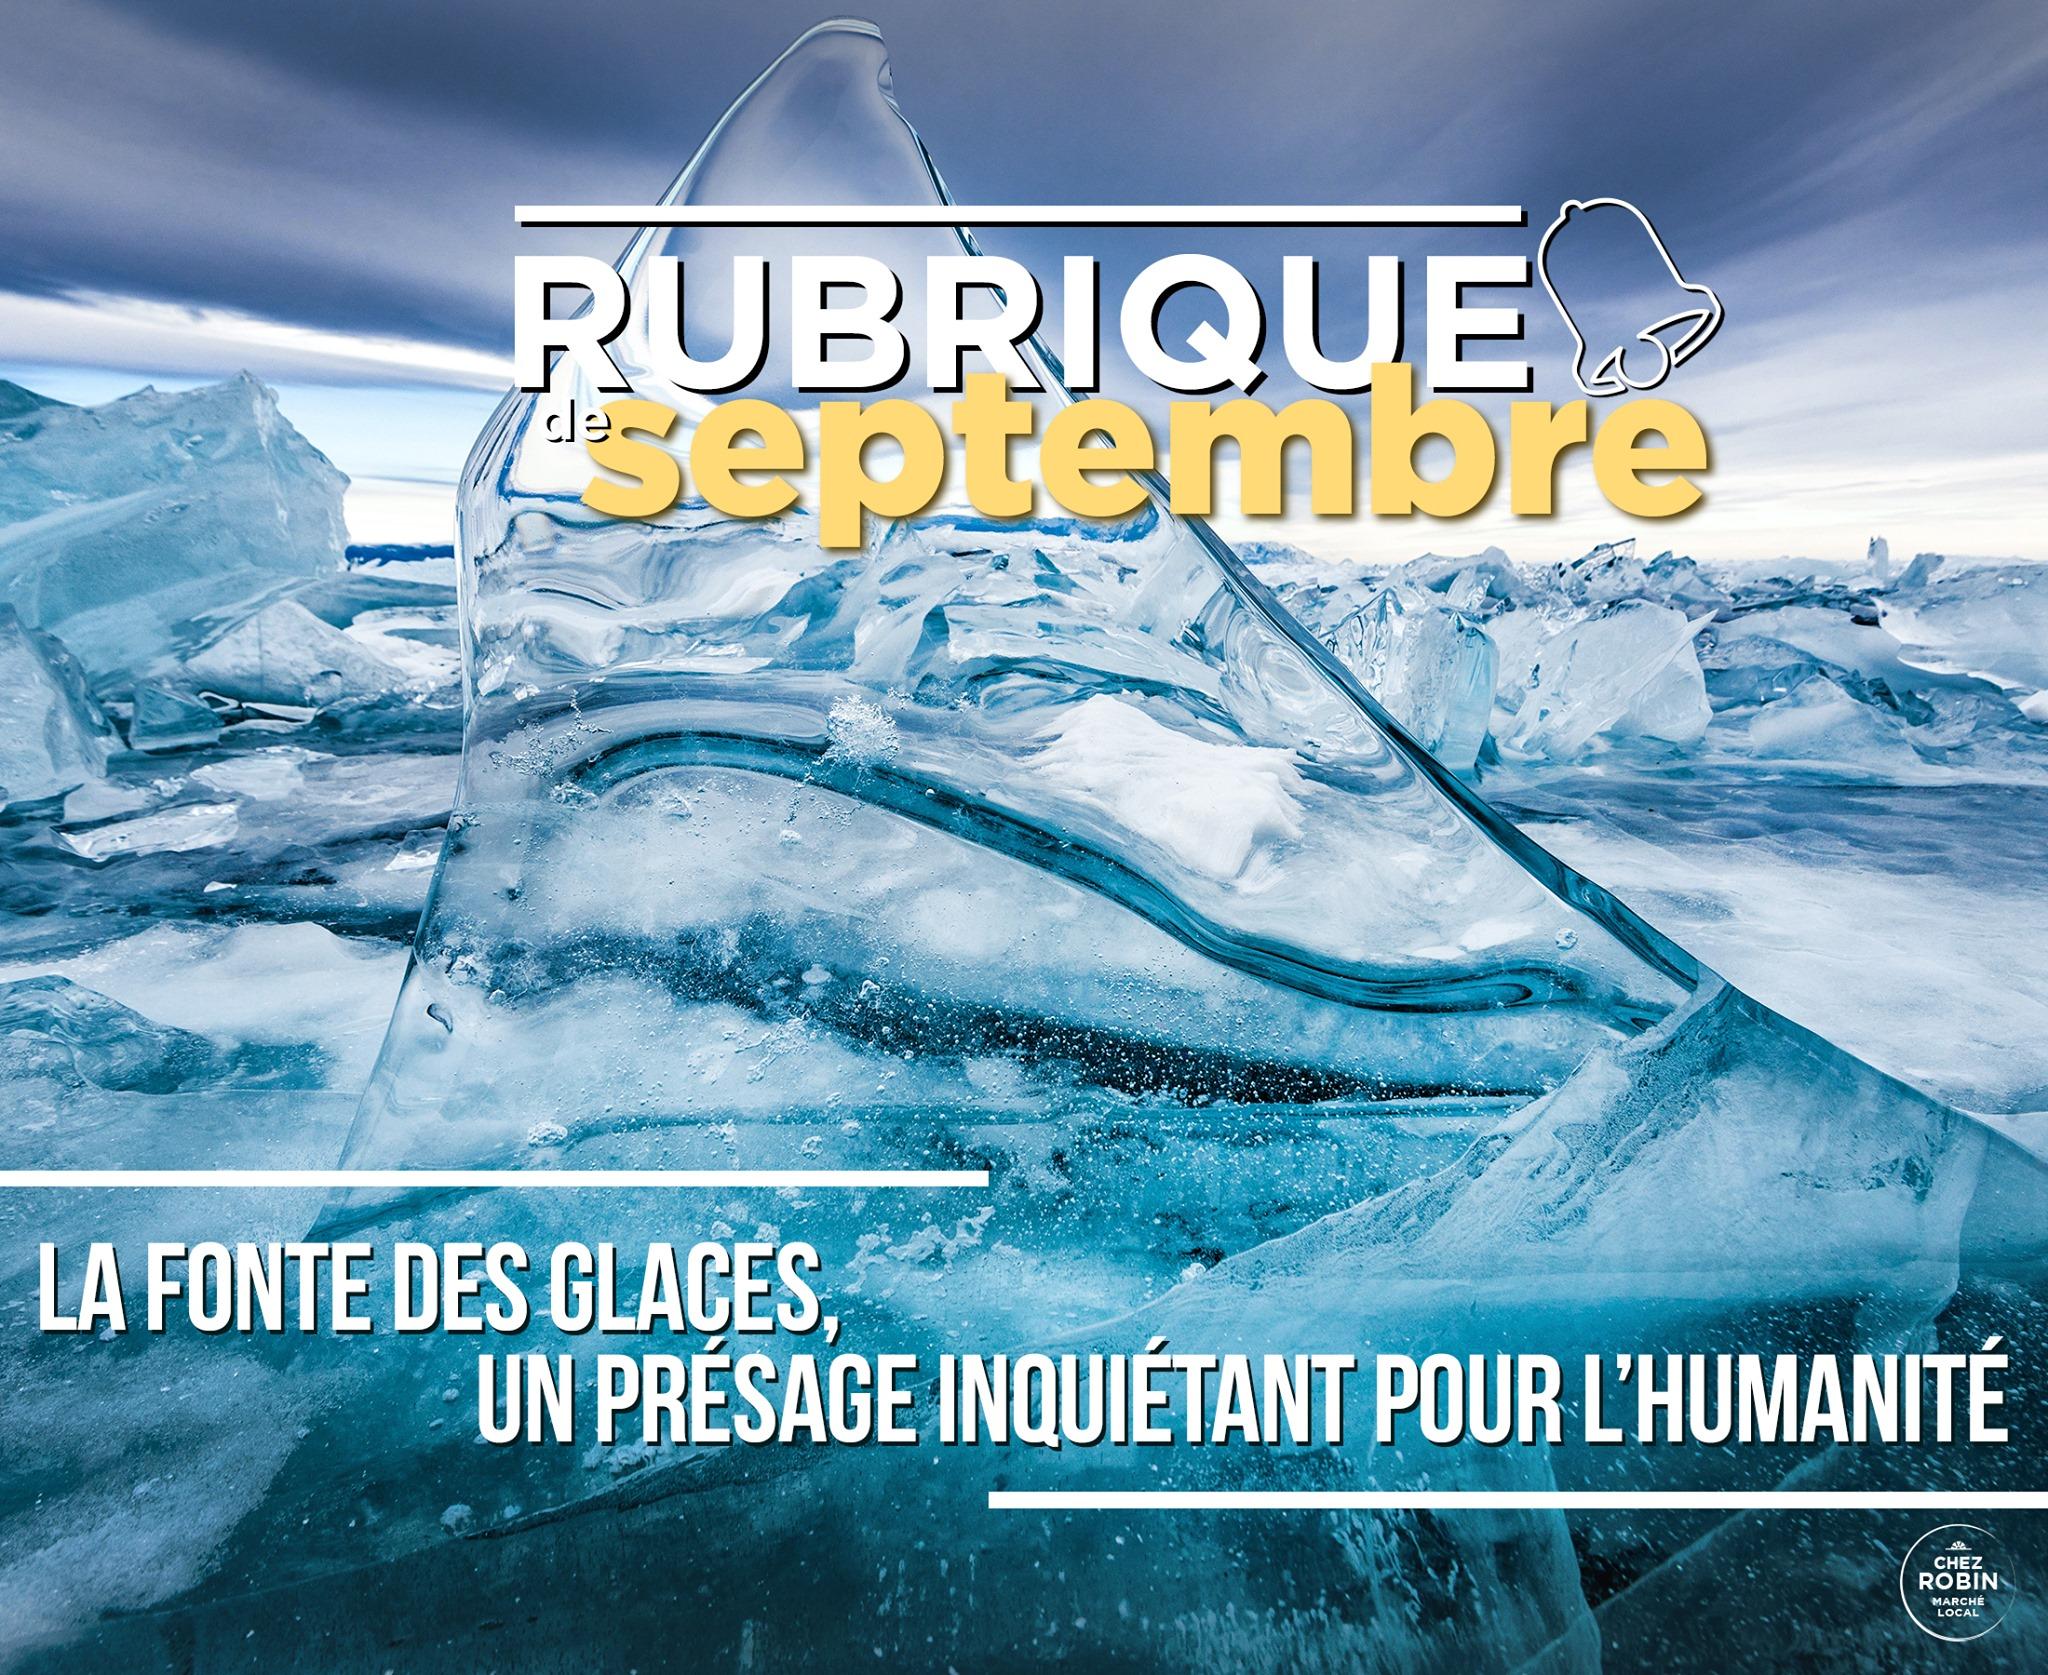 La fonte des glaces, un présage inquiétant pour l'humanité